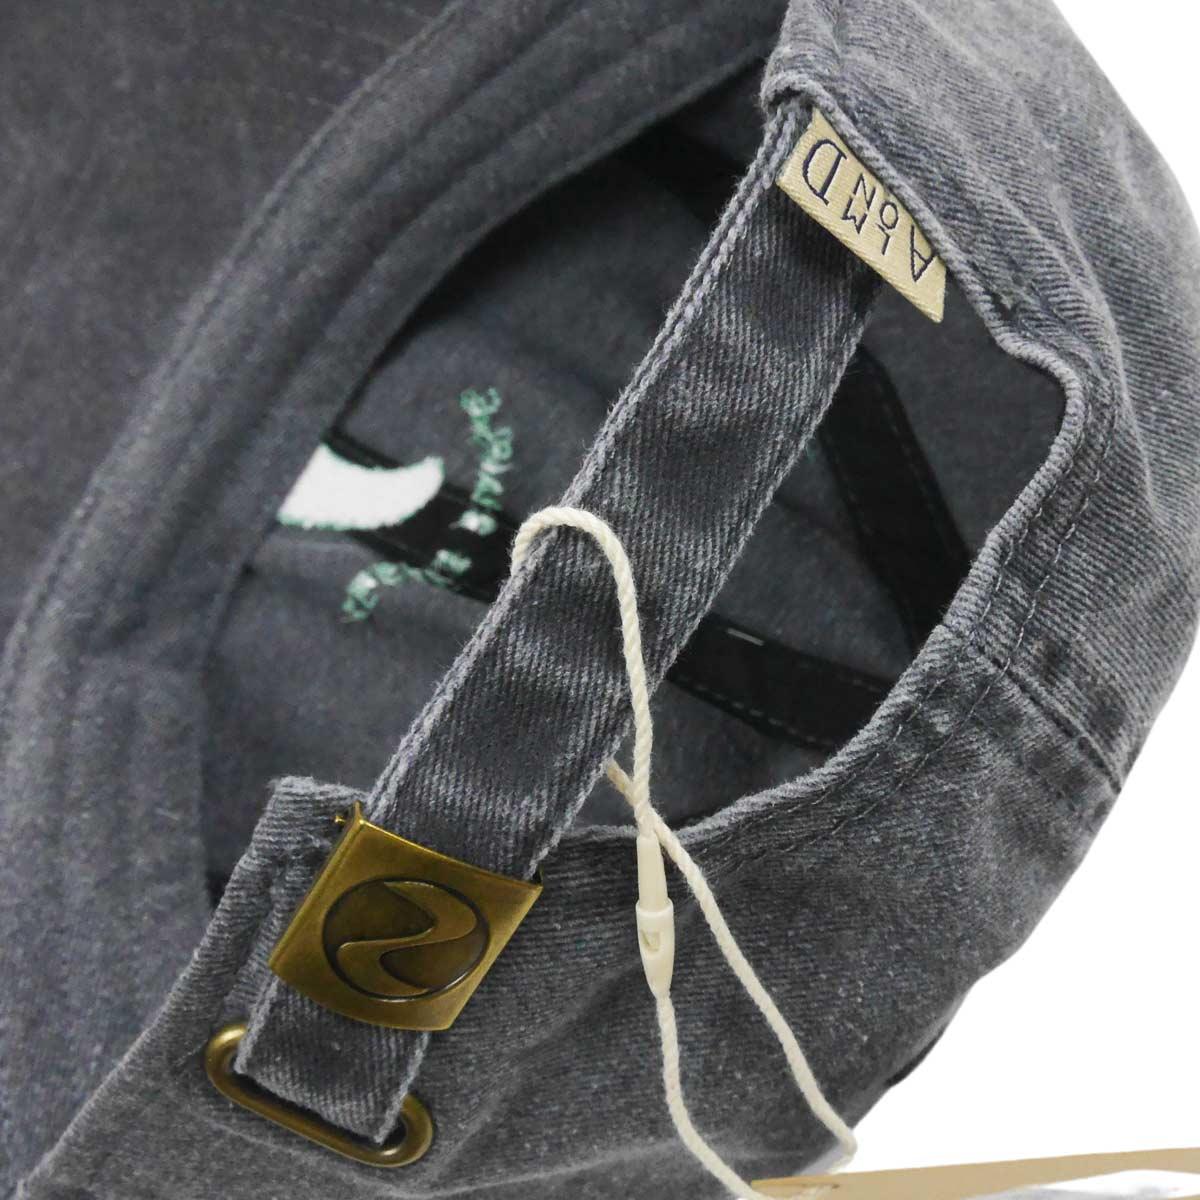 Almond Surf アーモンドサーフボードデザイン KEEP IT SIMPLE CAP